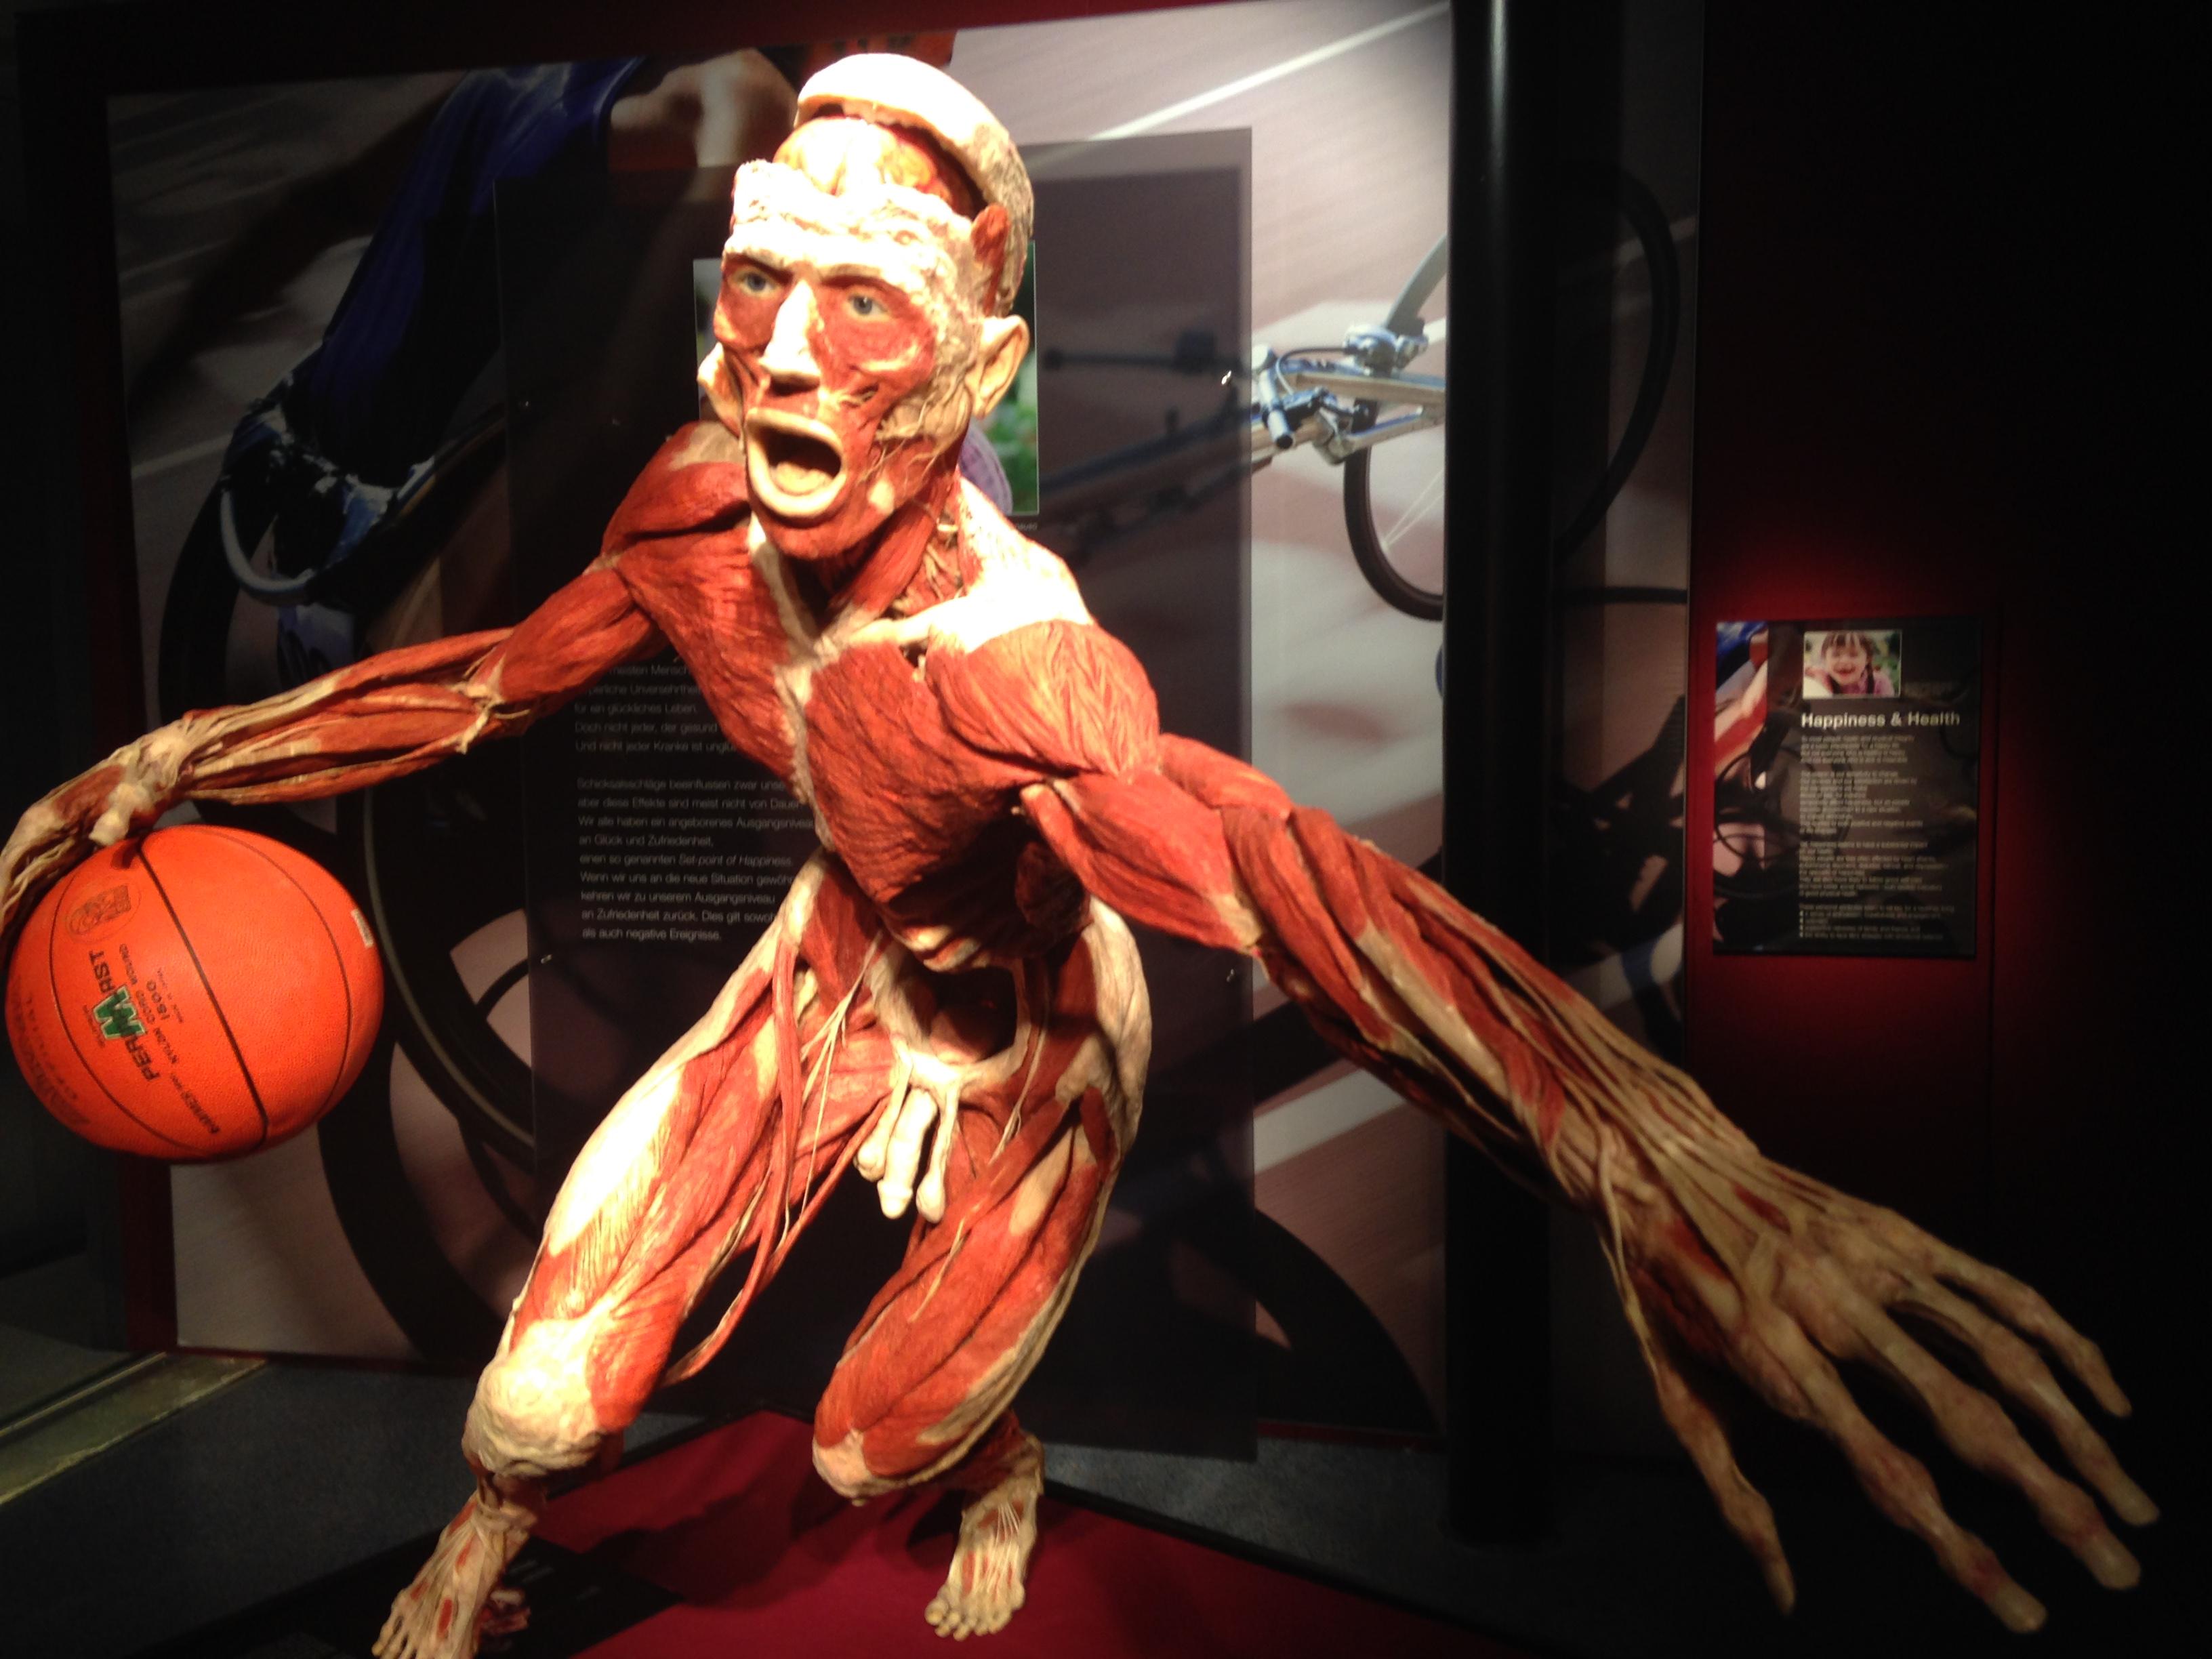 Berühmt Anatomie Aktuelle Ereignis Bilder - Menschliche Anatomie ...